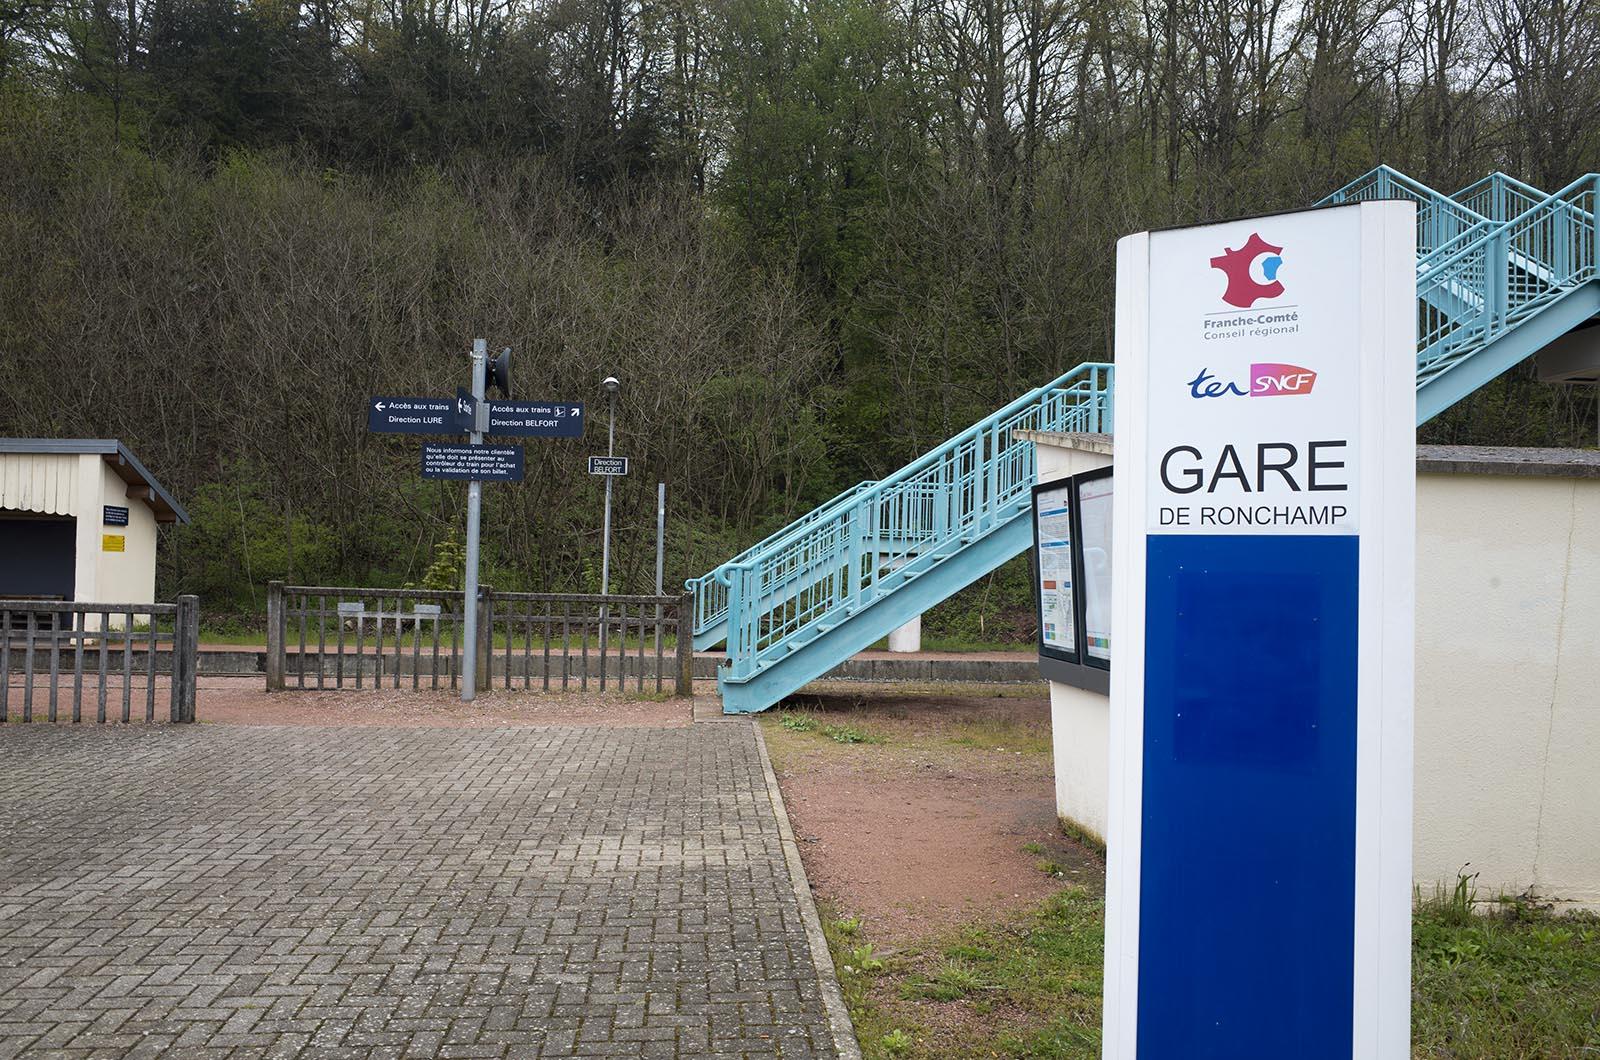 ヨーロッパ鉄道建築の旅'16:5日目 バーゼルからロンシャンの礼拝堂を電車だけで行く